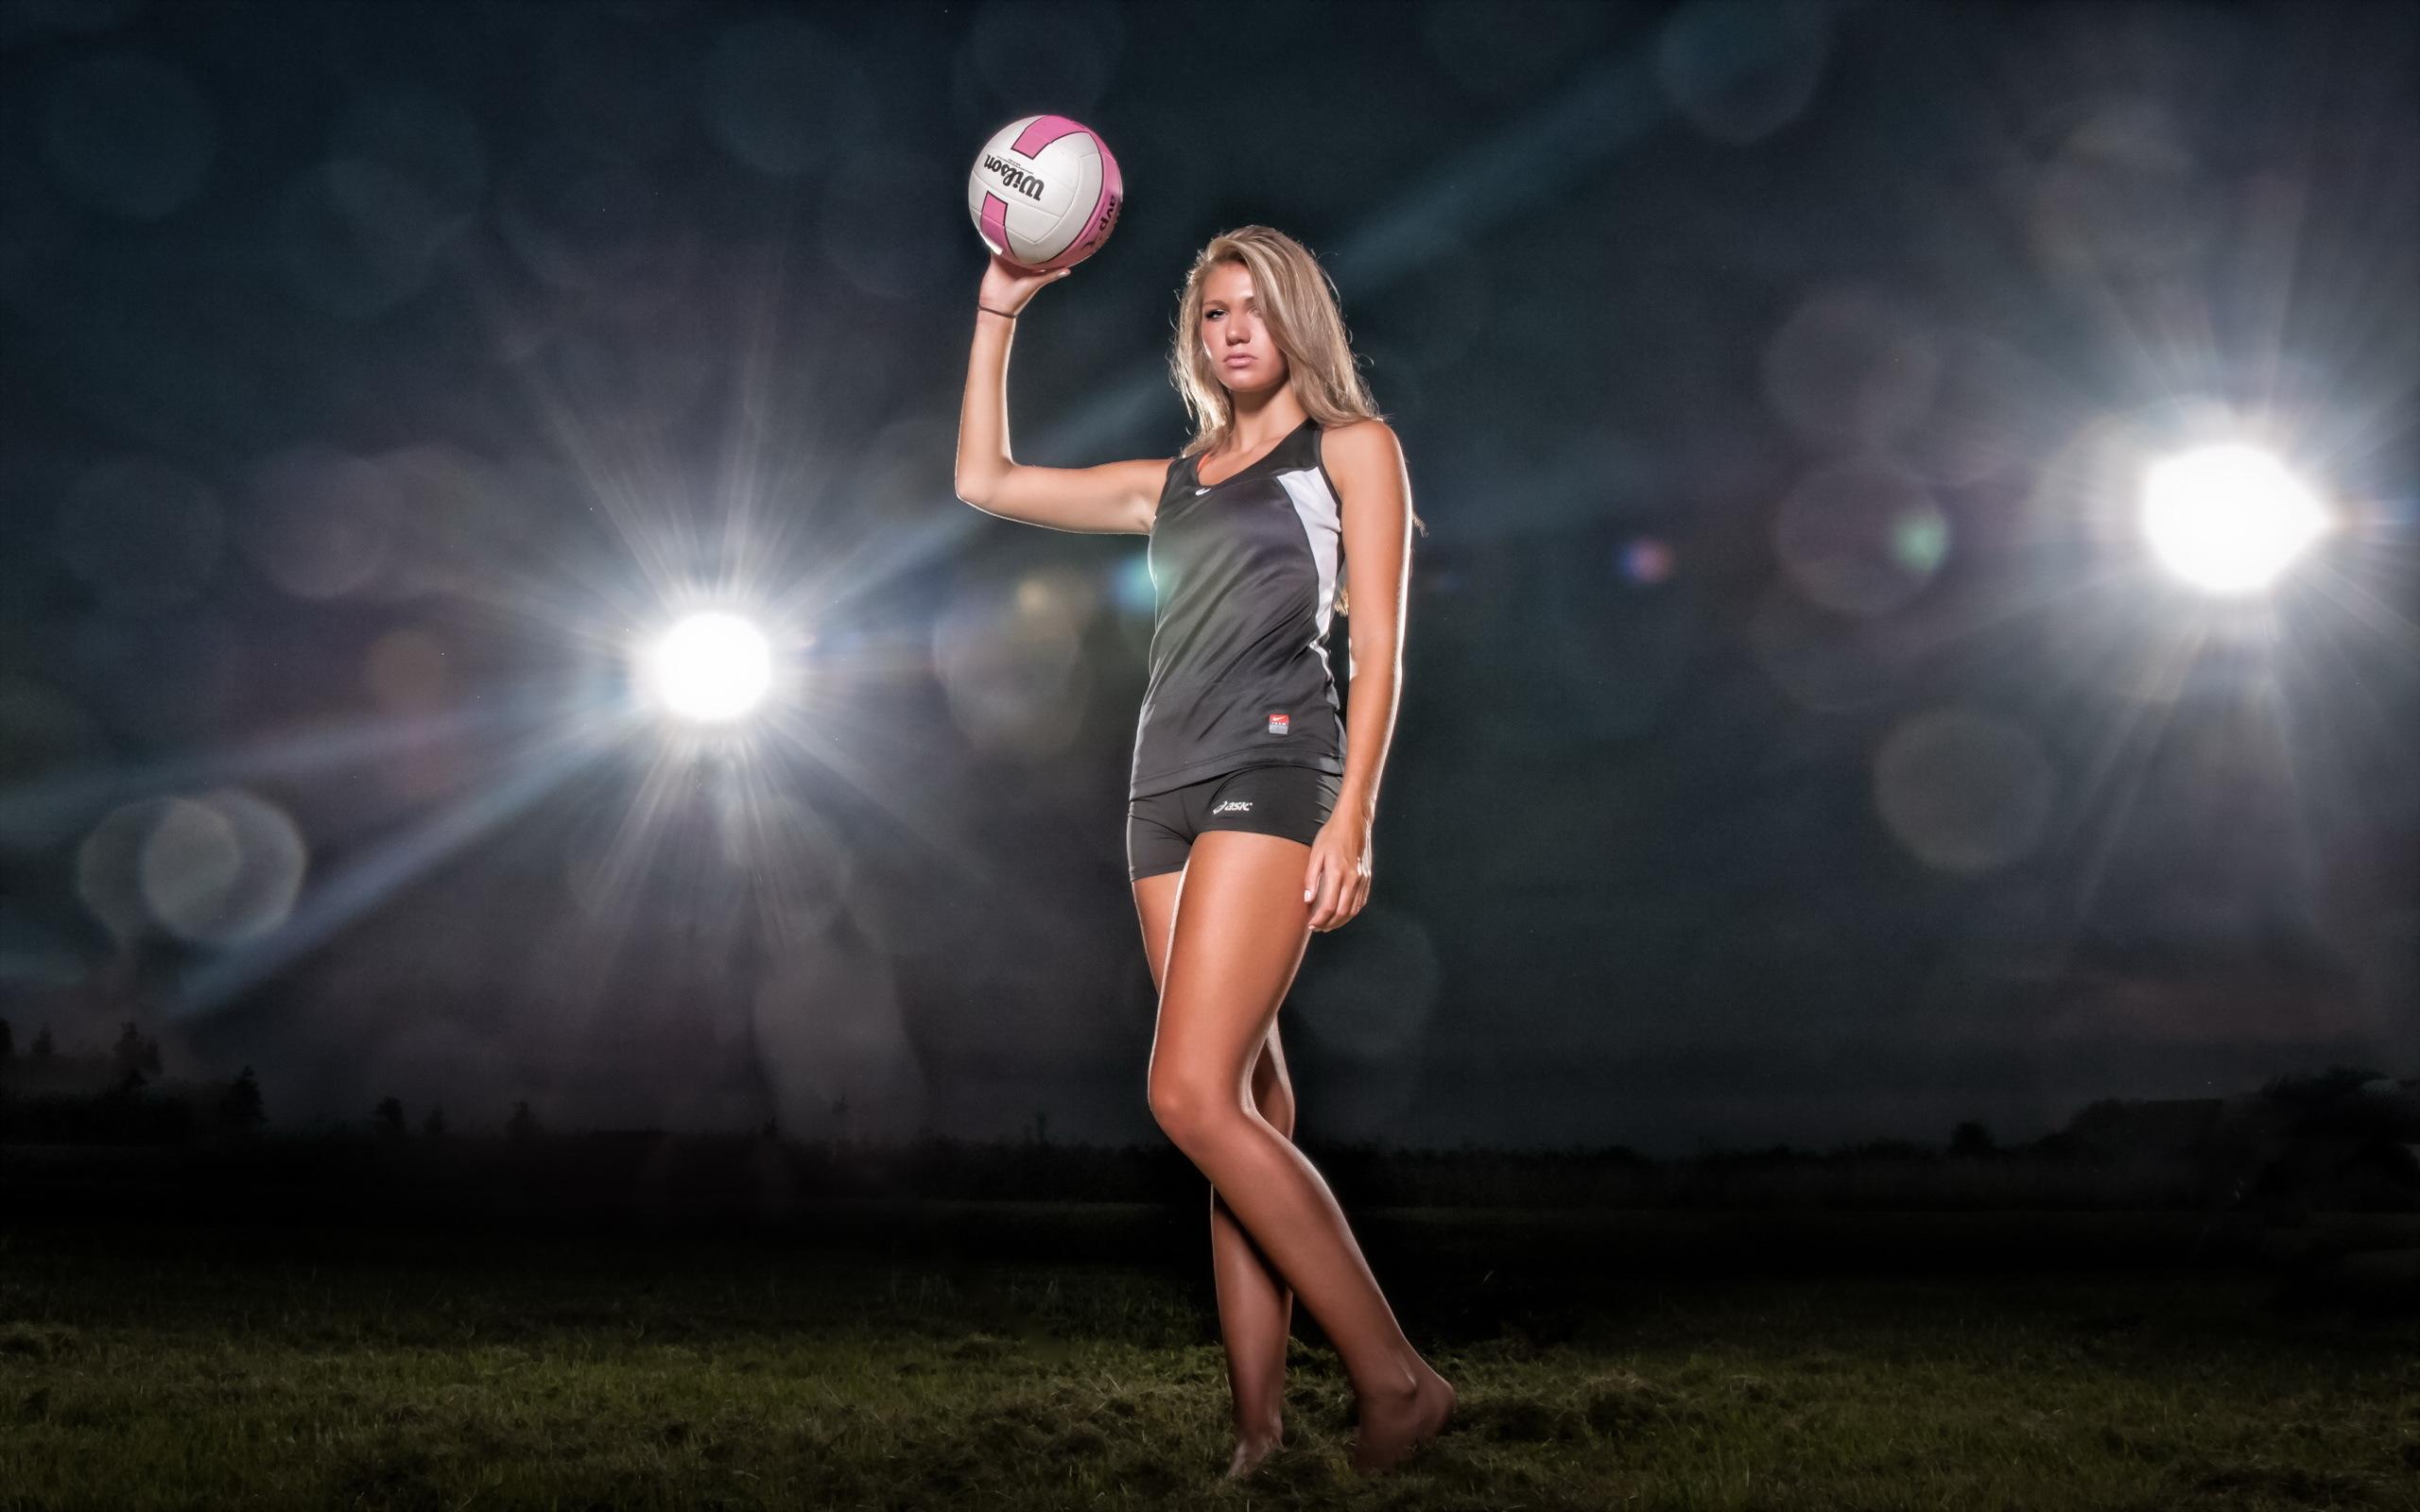 девушка, волейболистка, форма